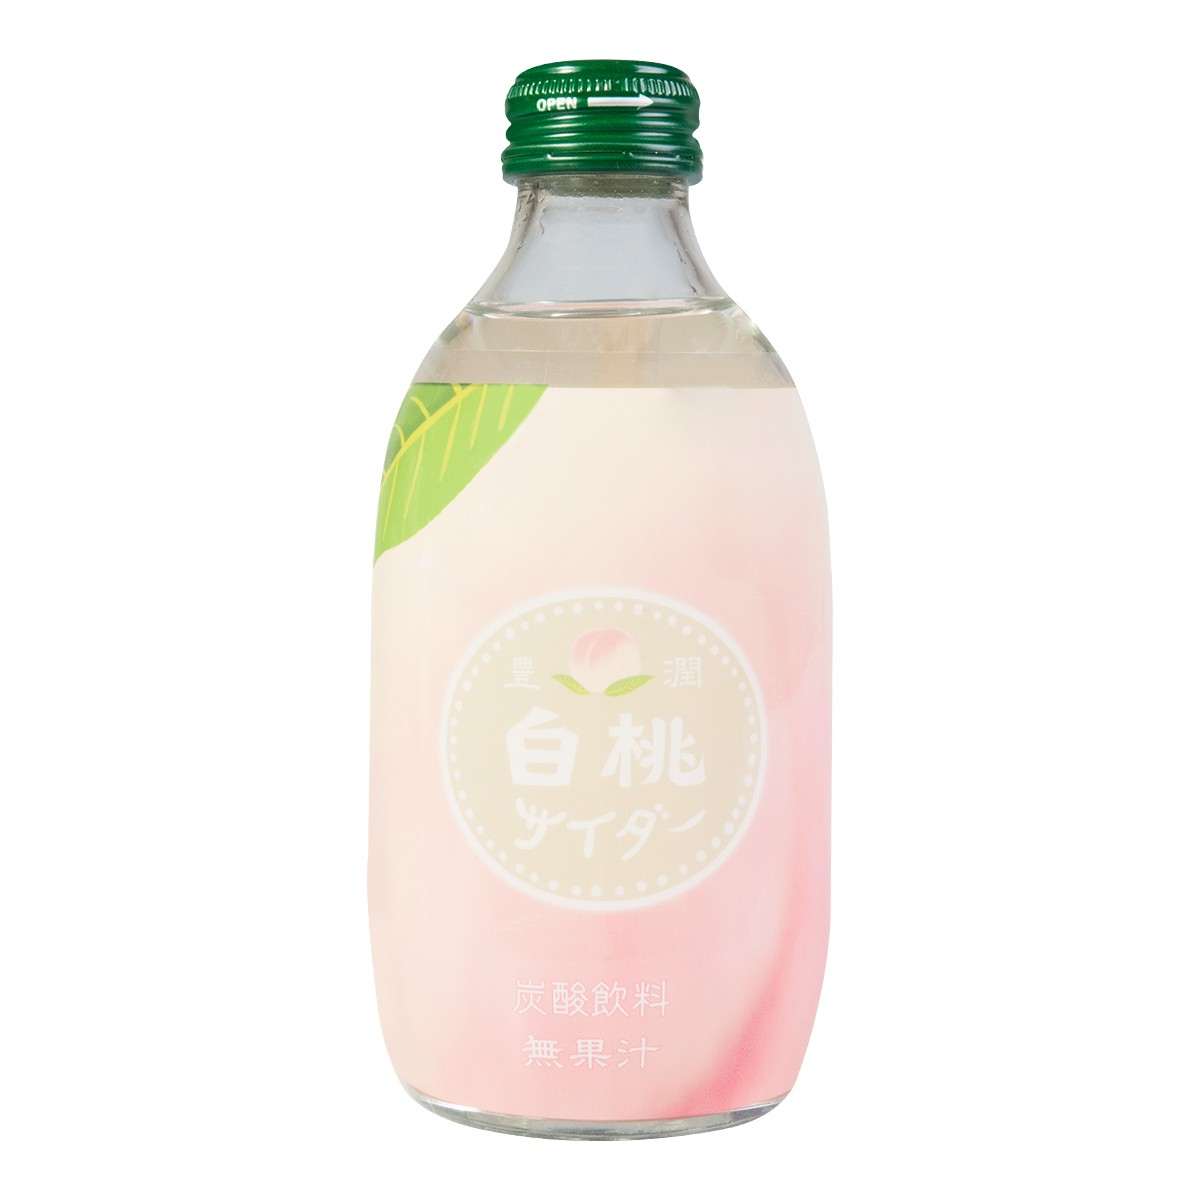 TOMOMASU White Peach Soda 300ml